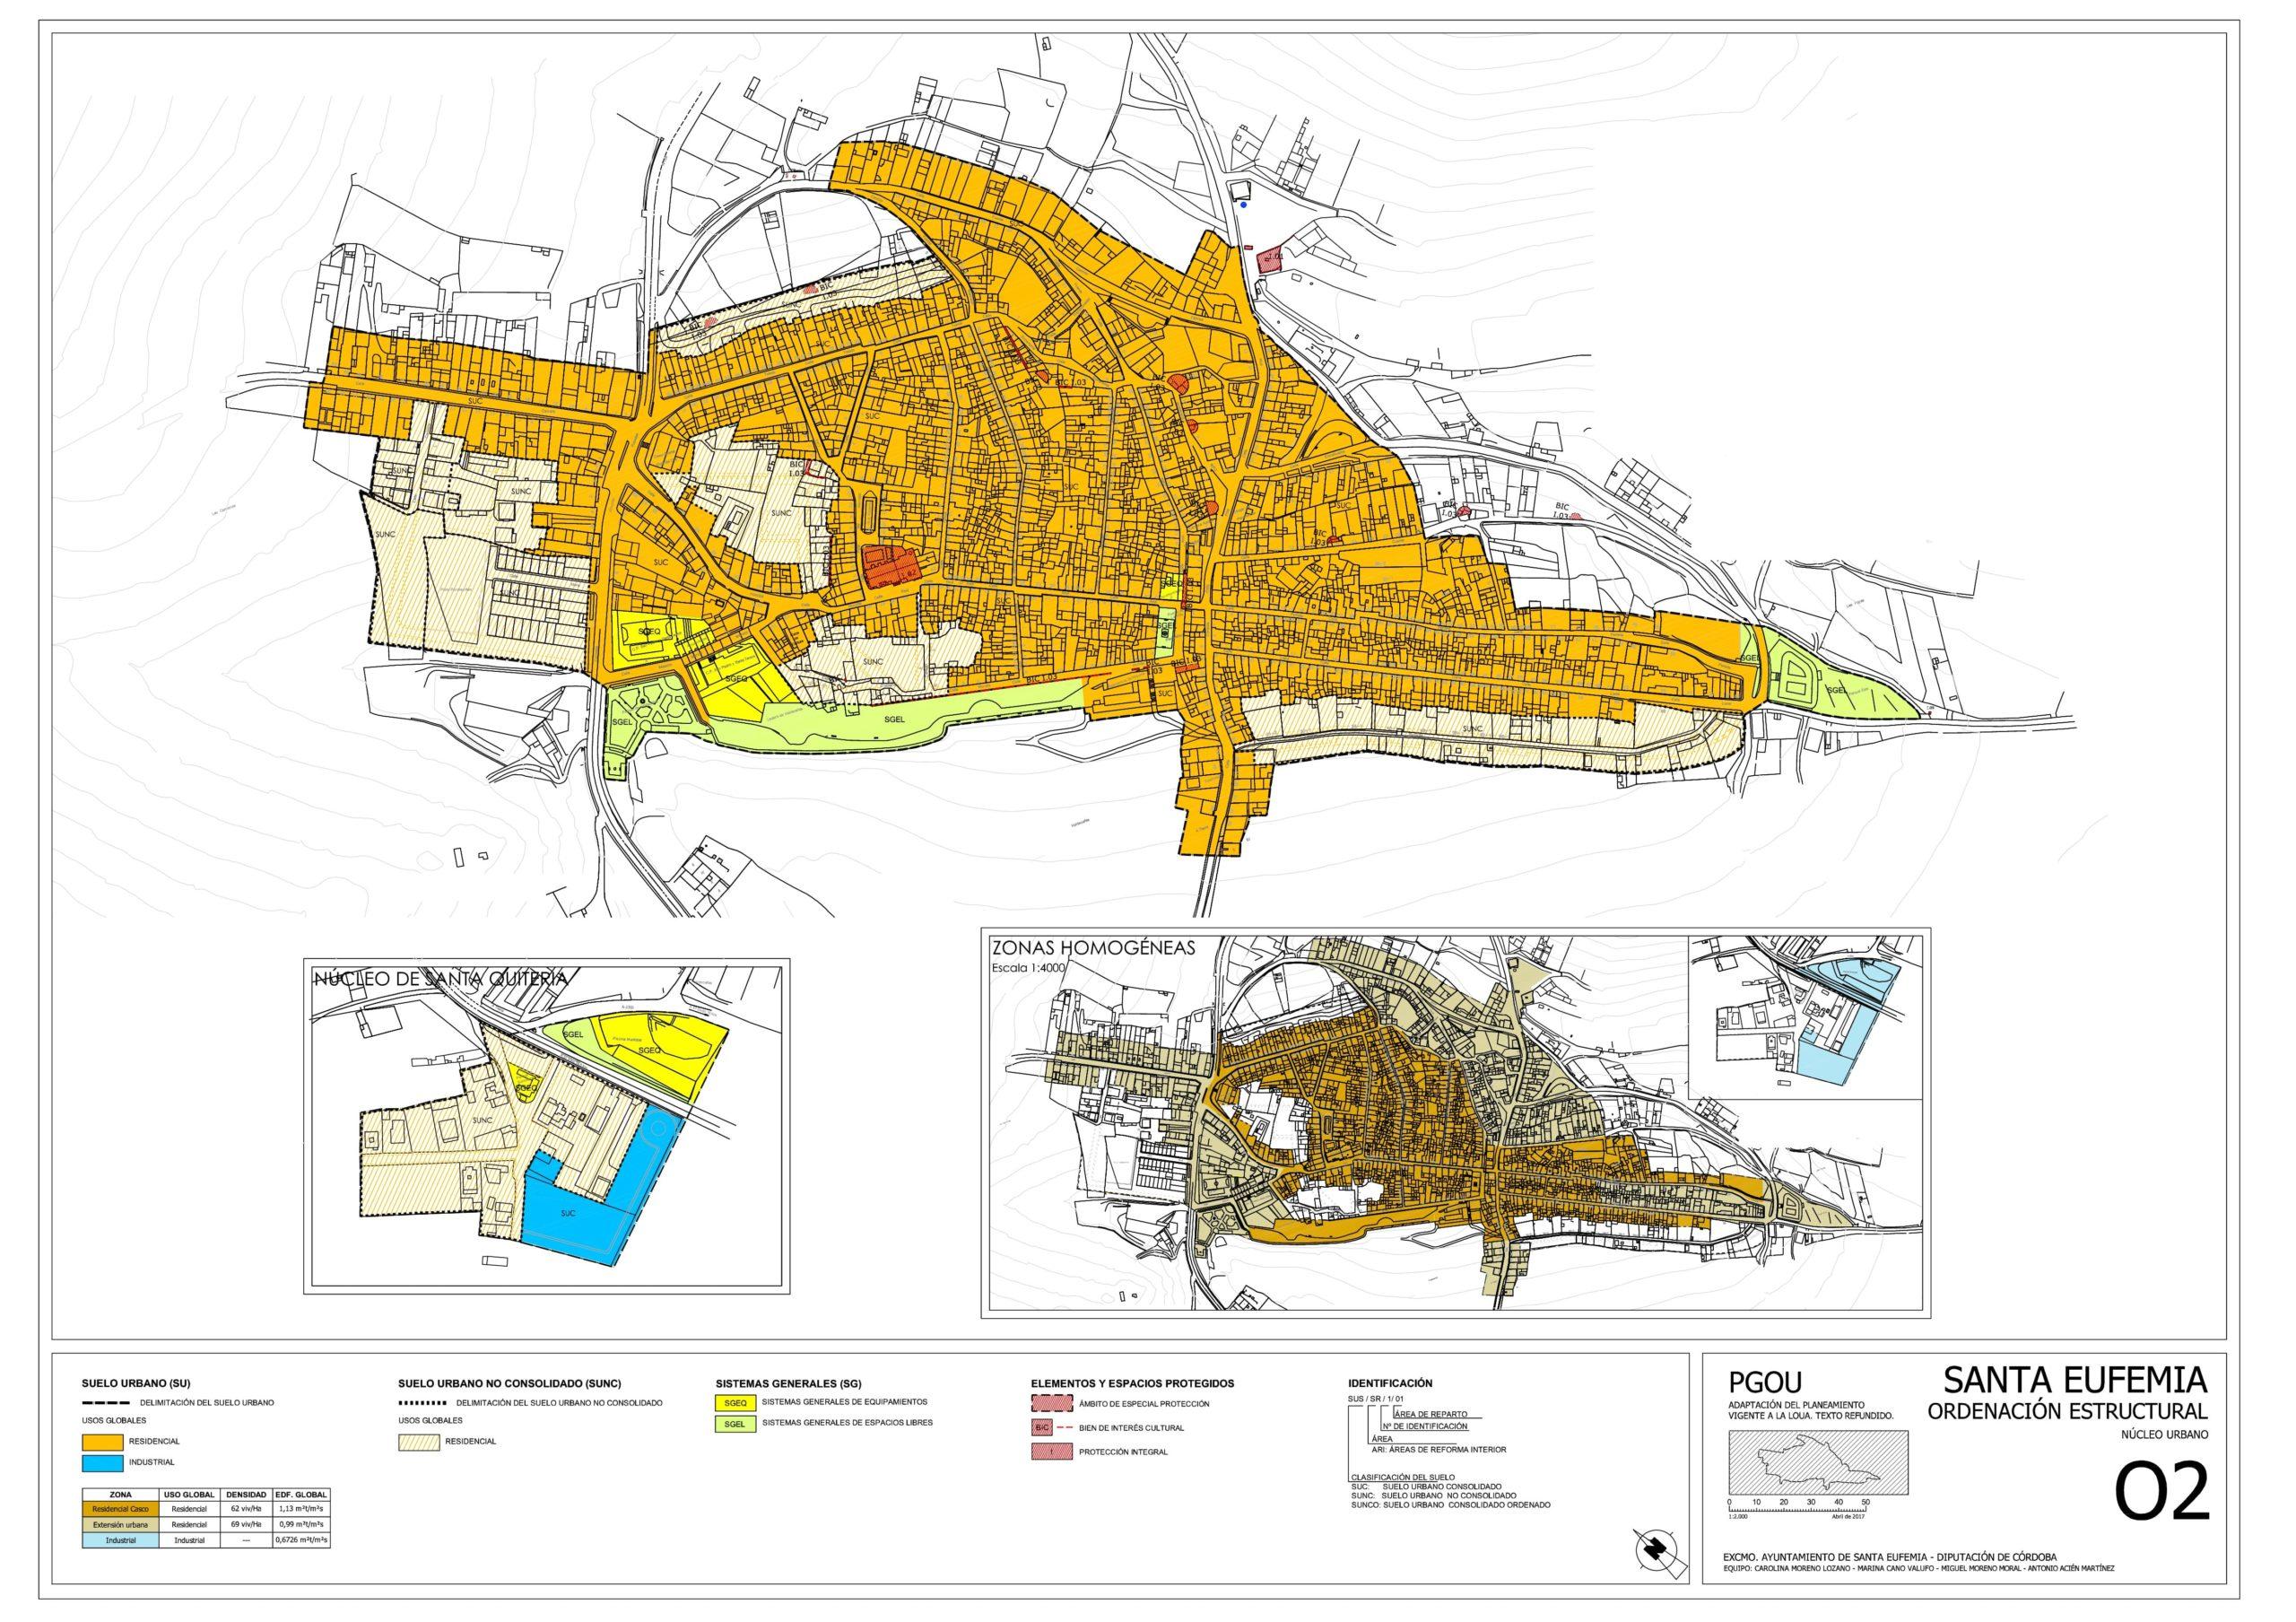 Transparencia en materias de urbanismo, obras públicas y medio ambiente 5